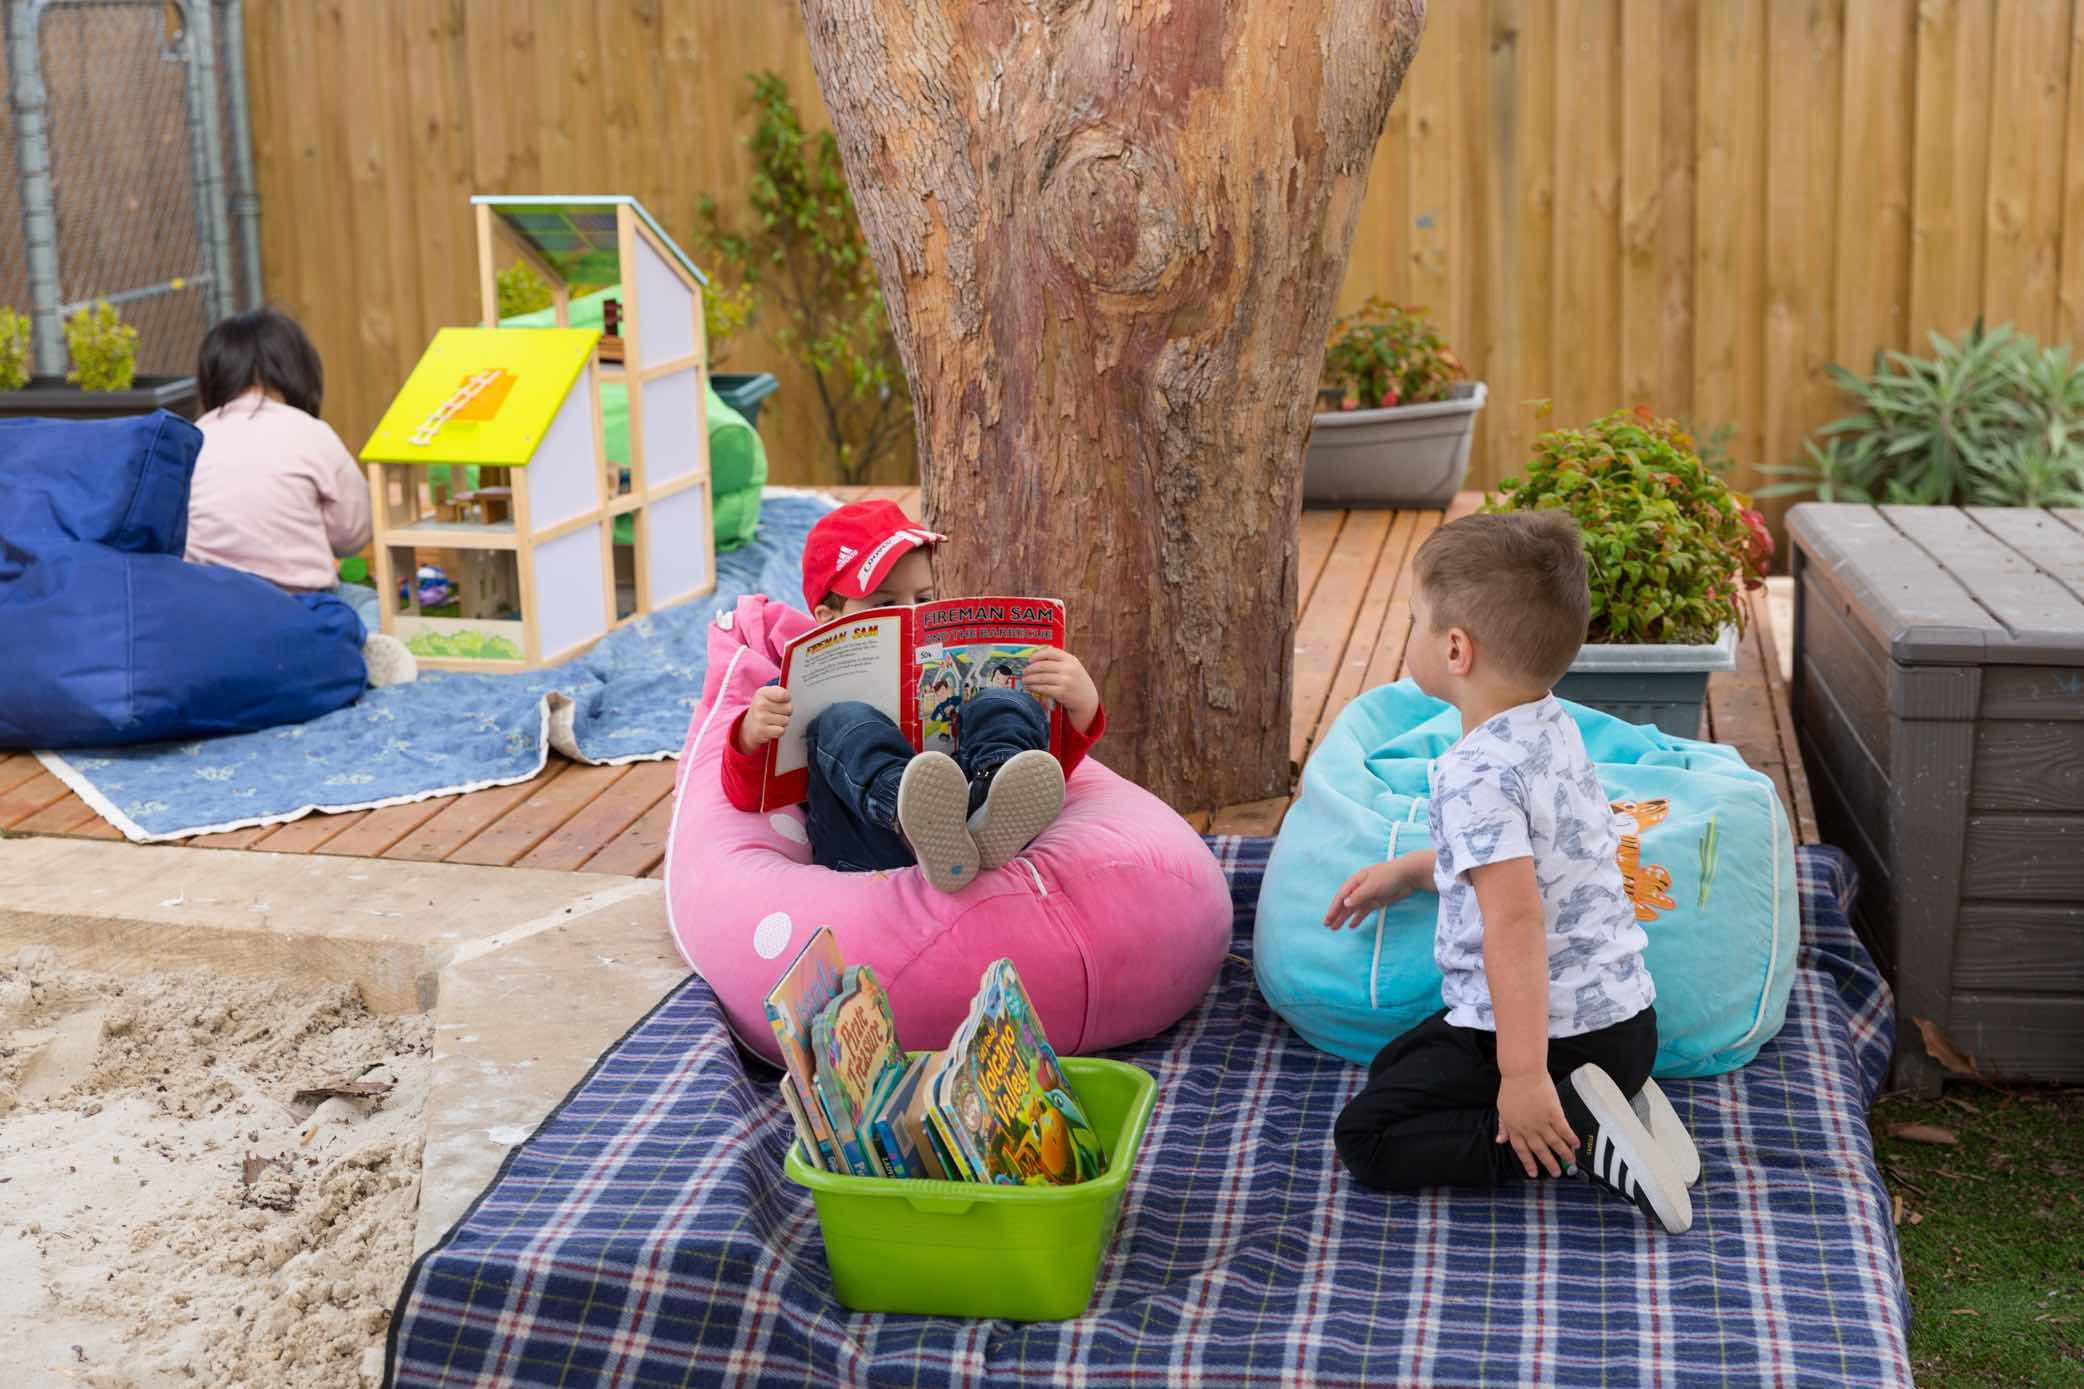 playgroundopening-5